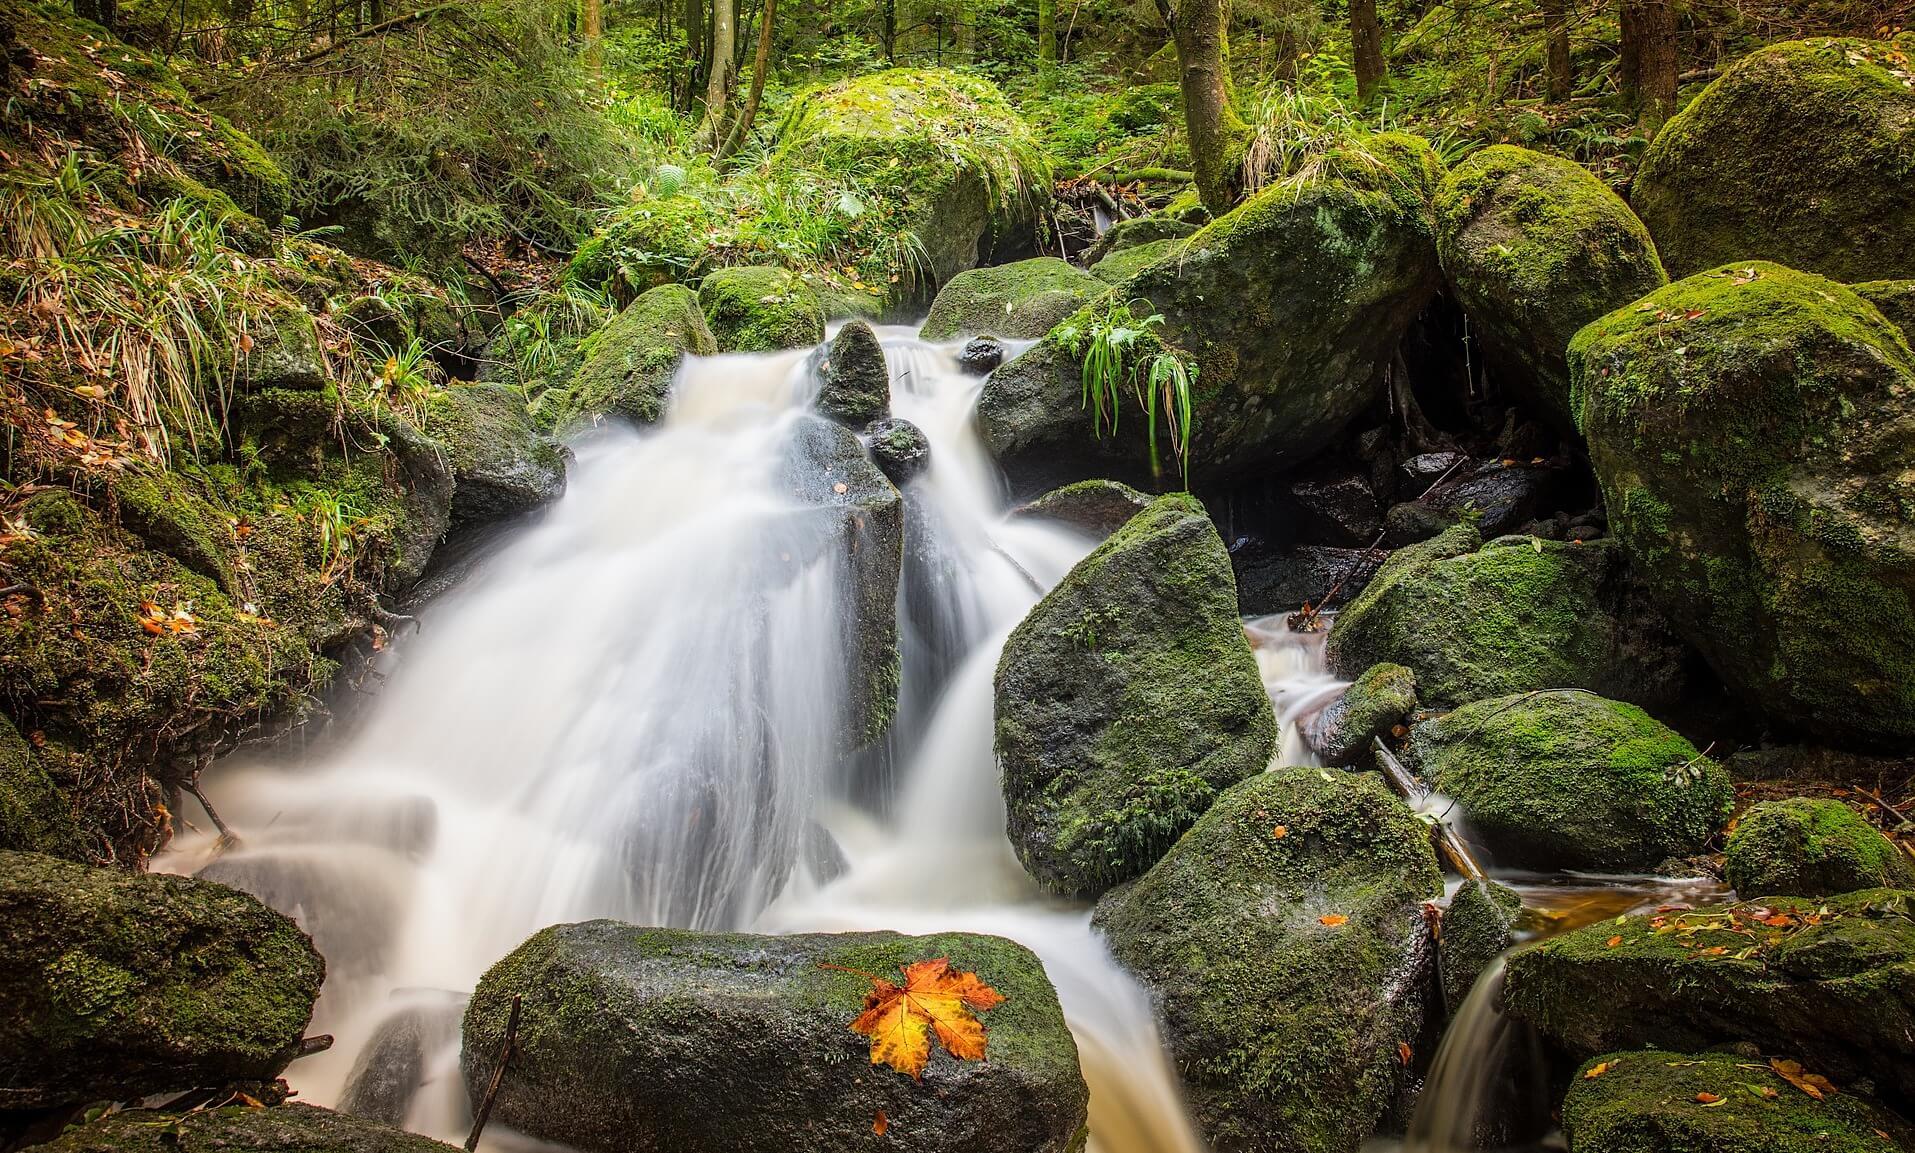 réussir ses photos de cascade dans les bois